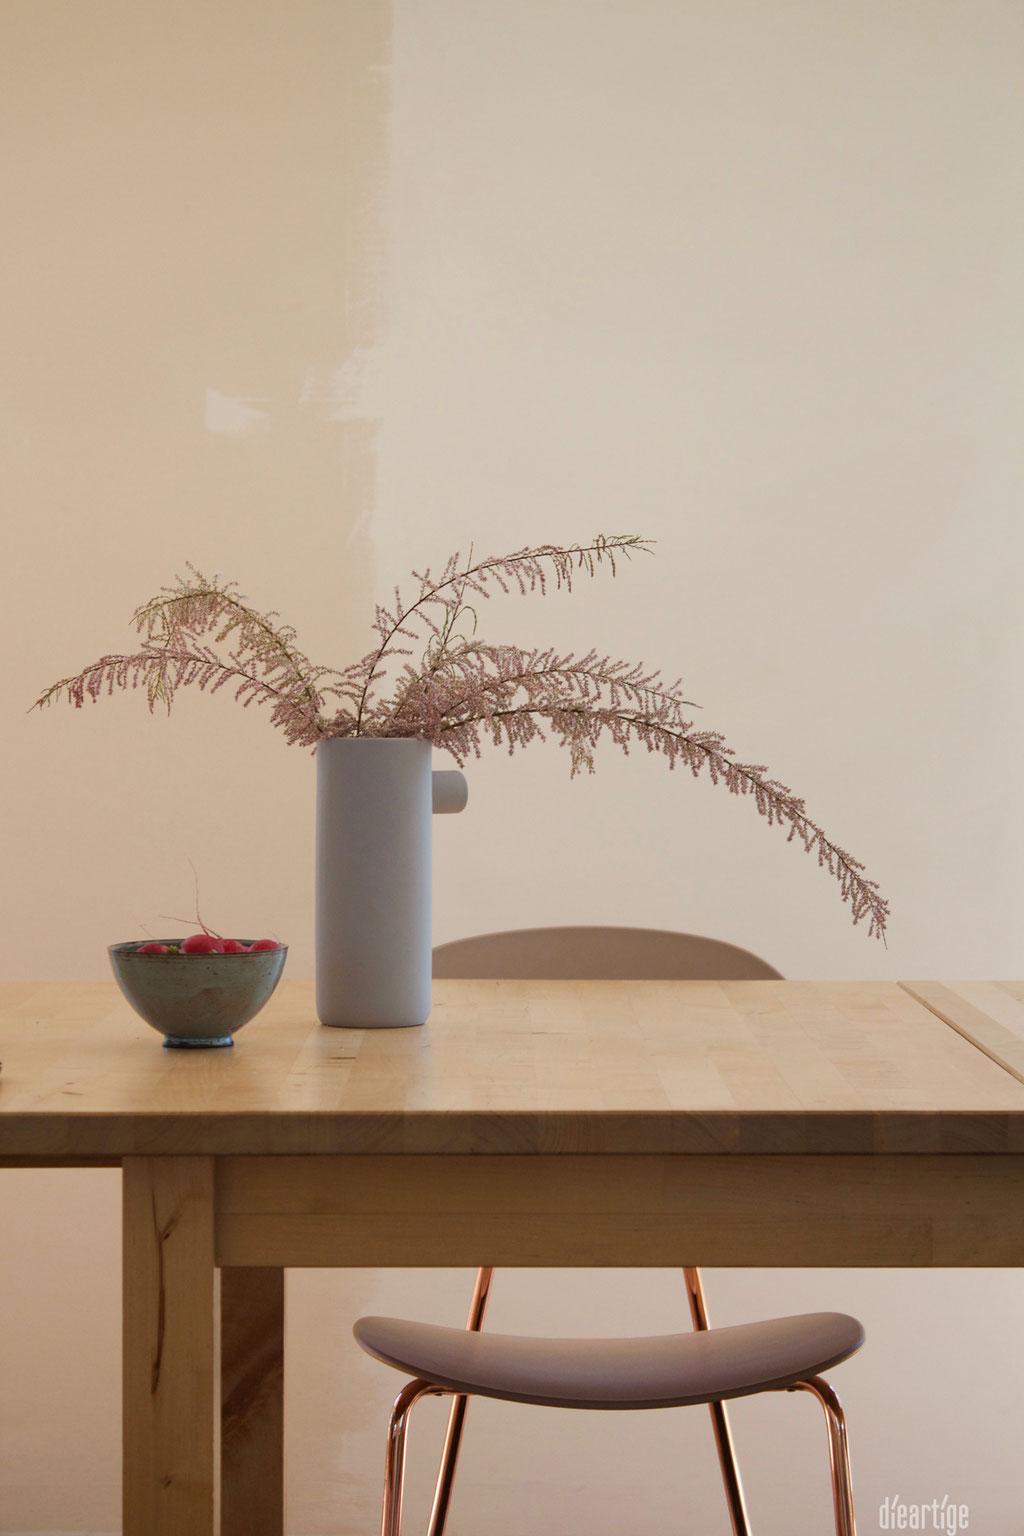 dieartigeBLOG - Tamariske im Keramikkrug auf dem Esstisch